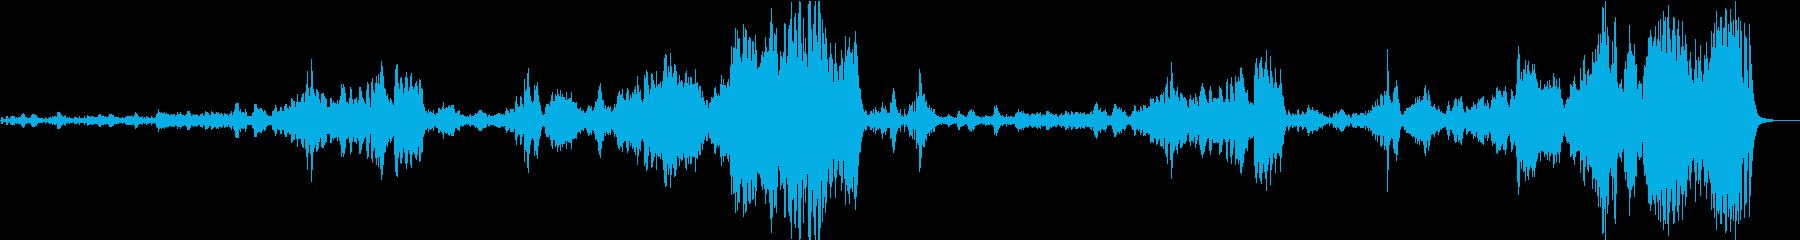 チャイコフスキー くるみ割り人形 序曲の再生済みの波形